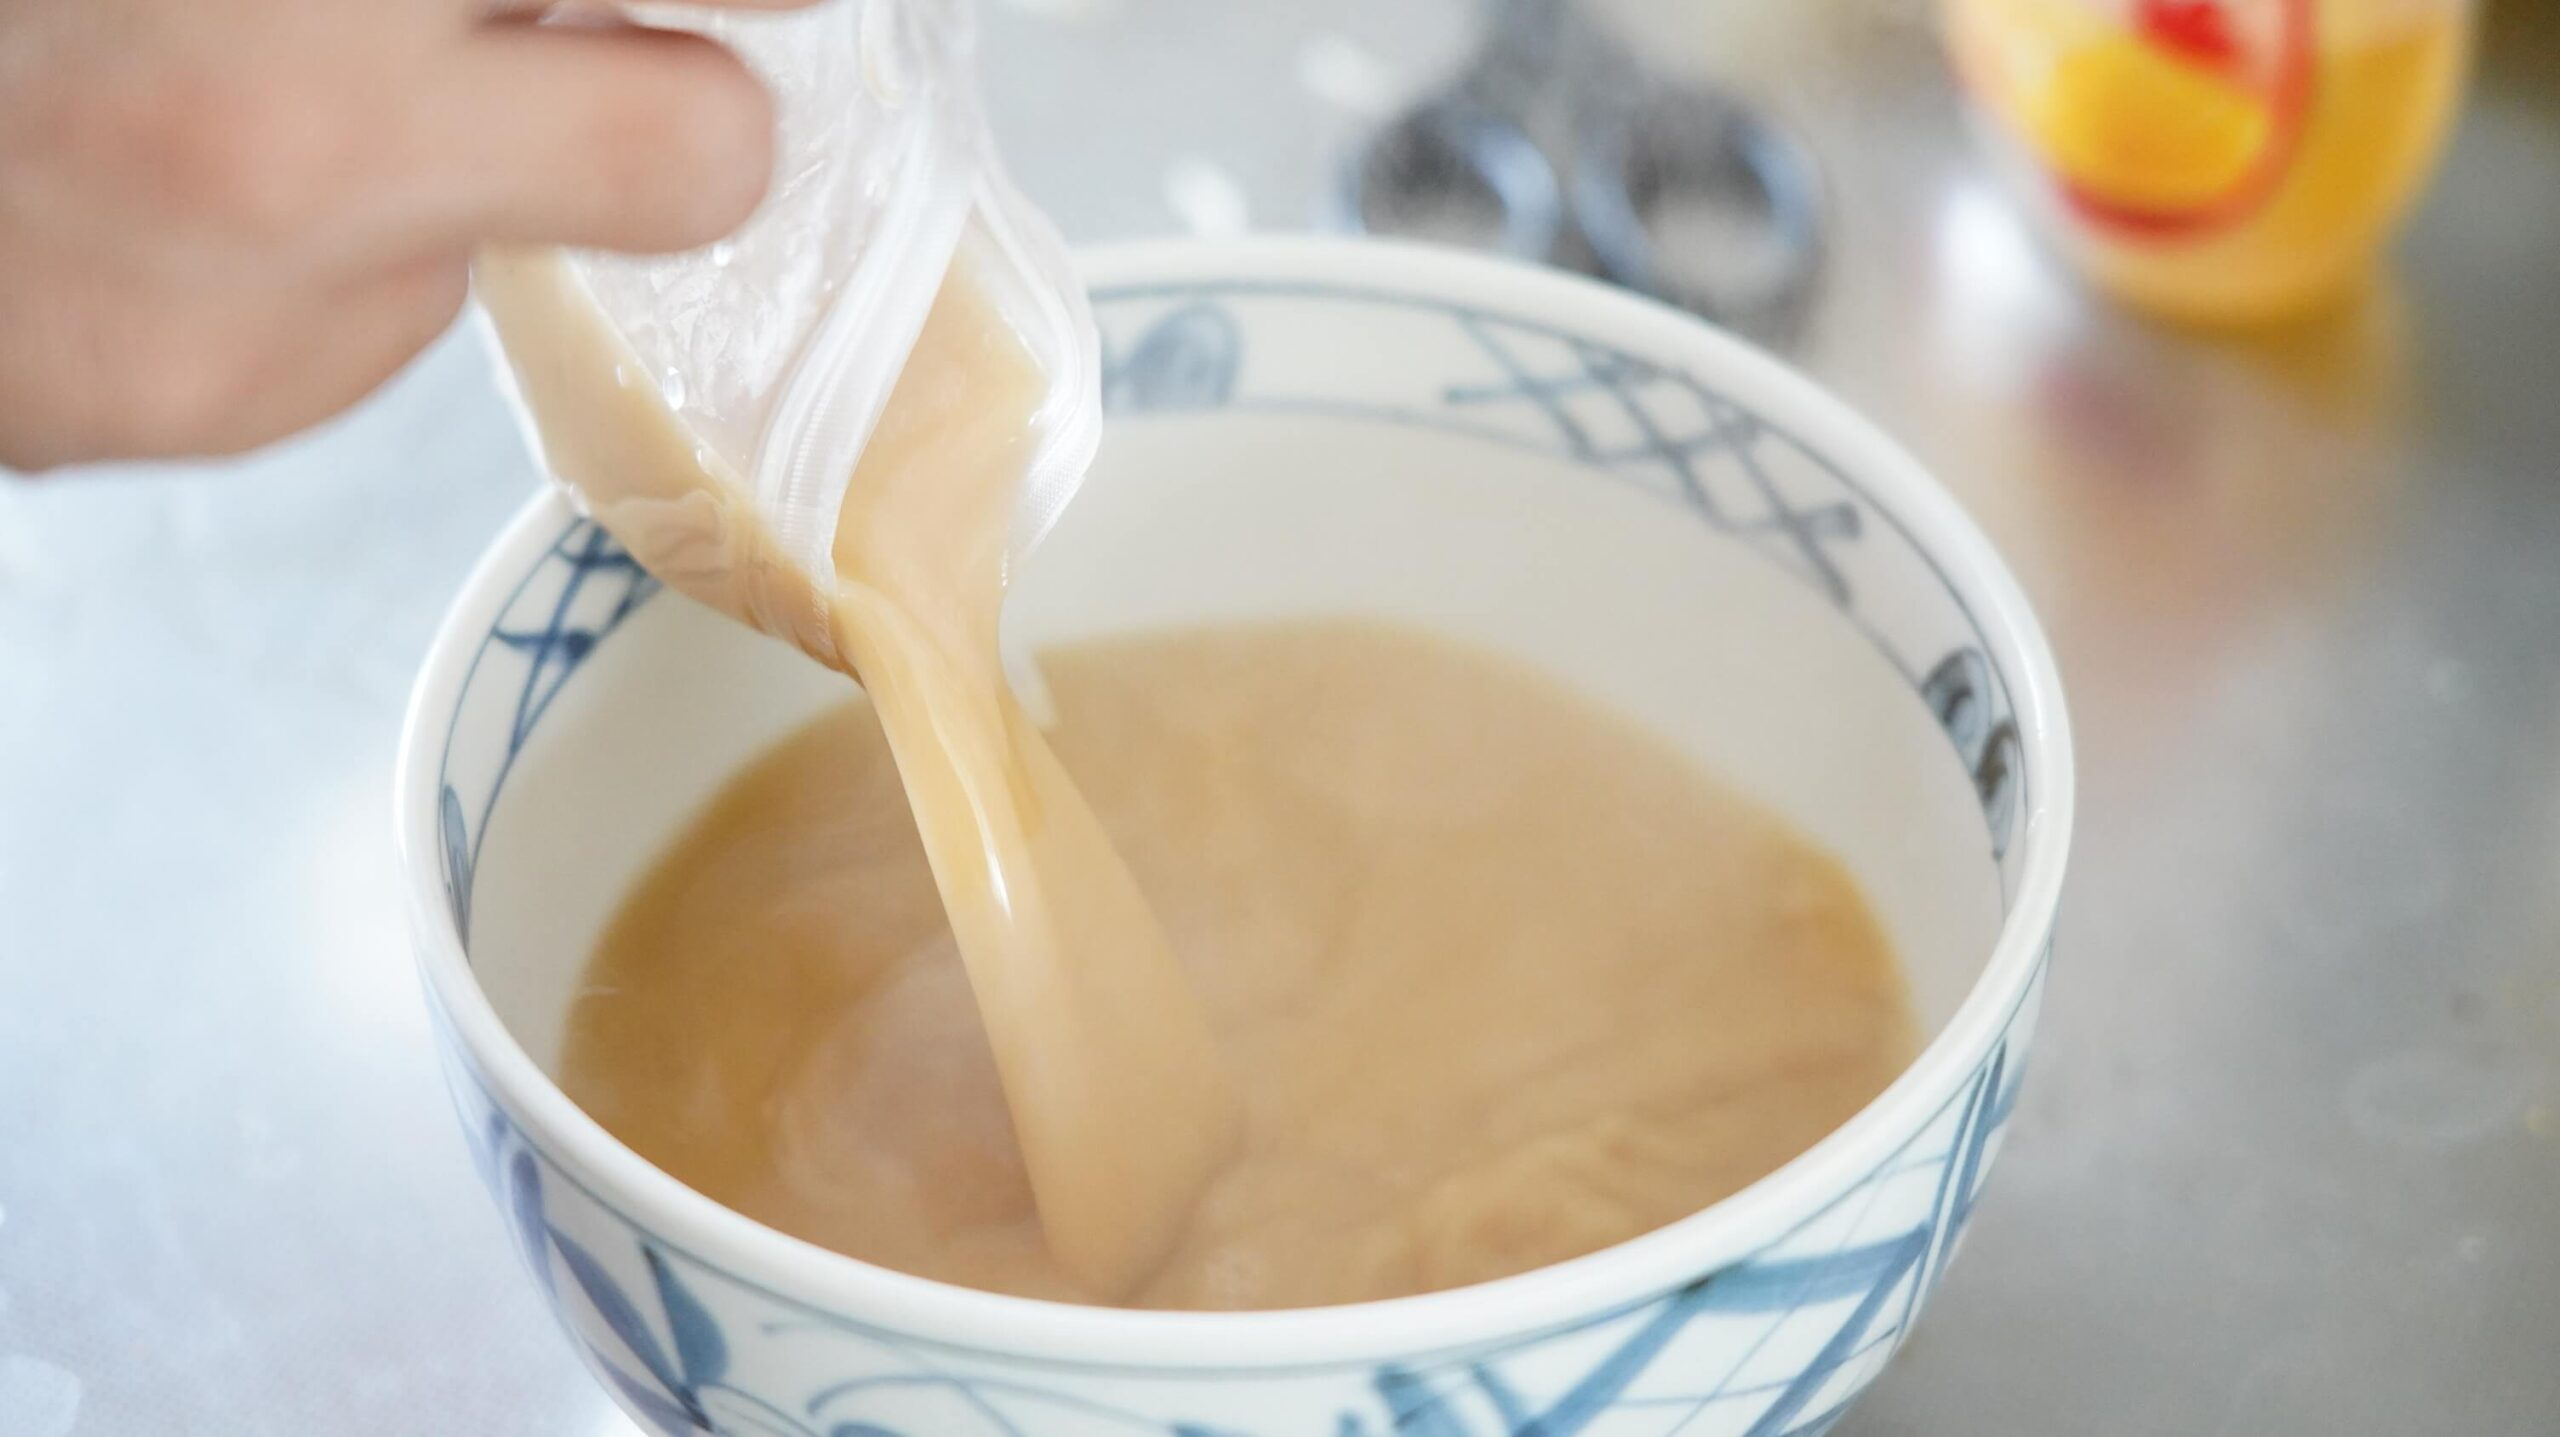 「なんつッ亭」の通販お取り寄せ用ラーメンのスープを器に注いでいる写真